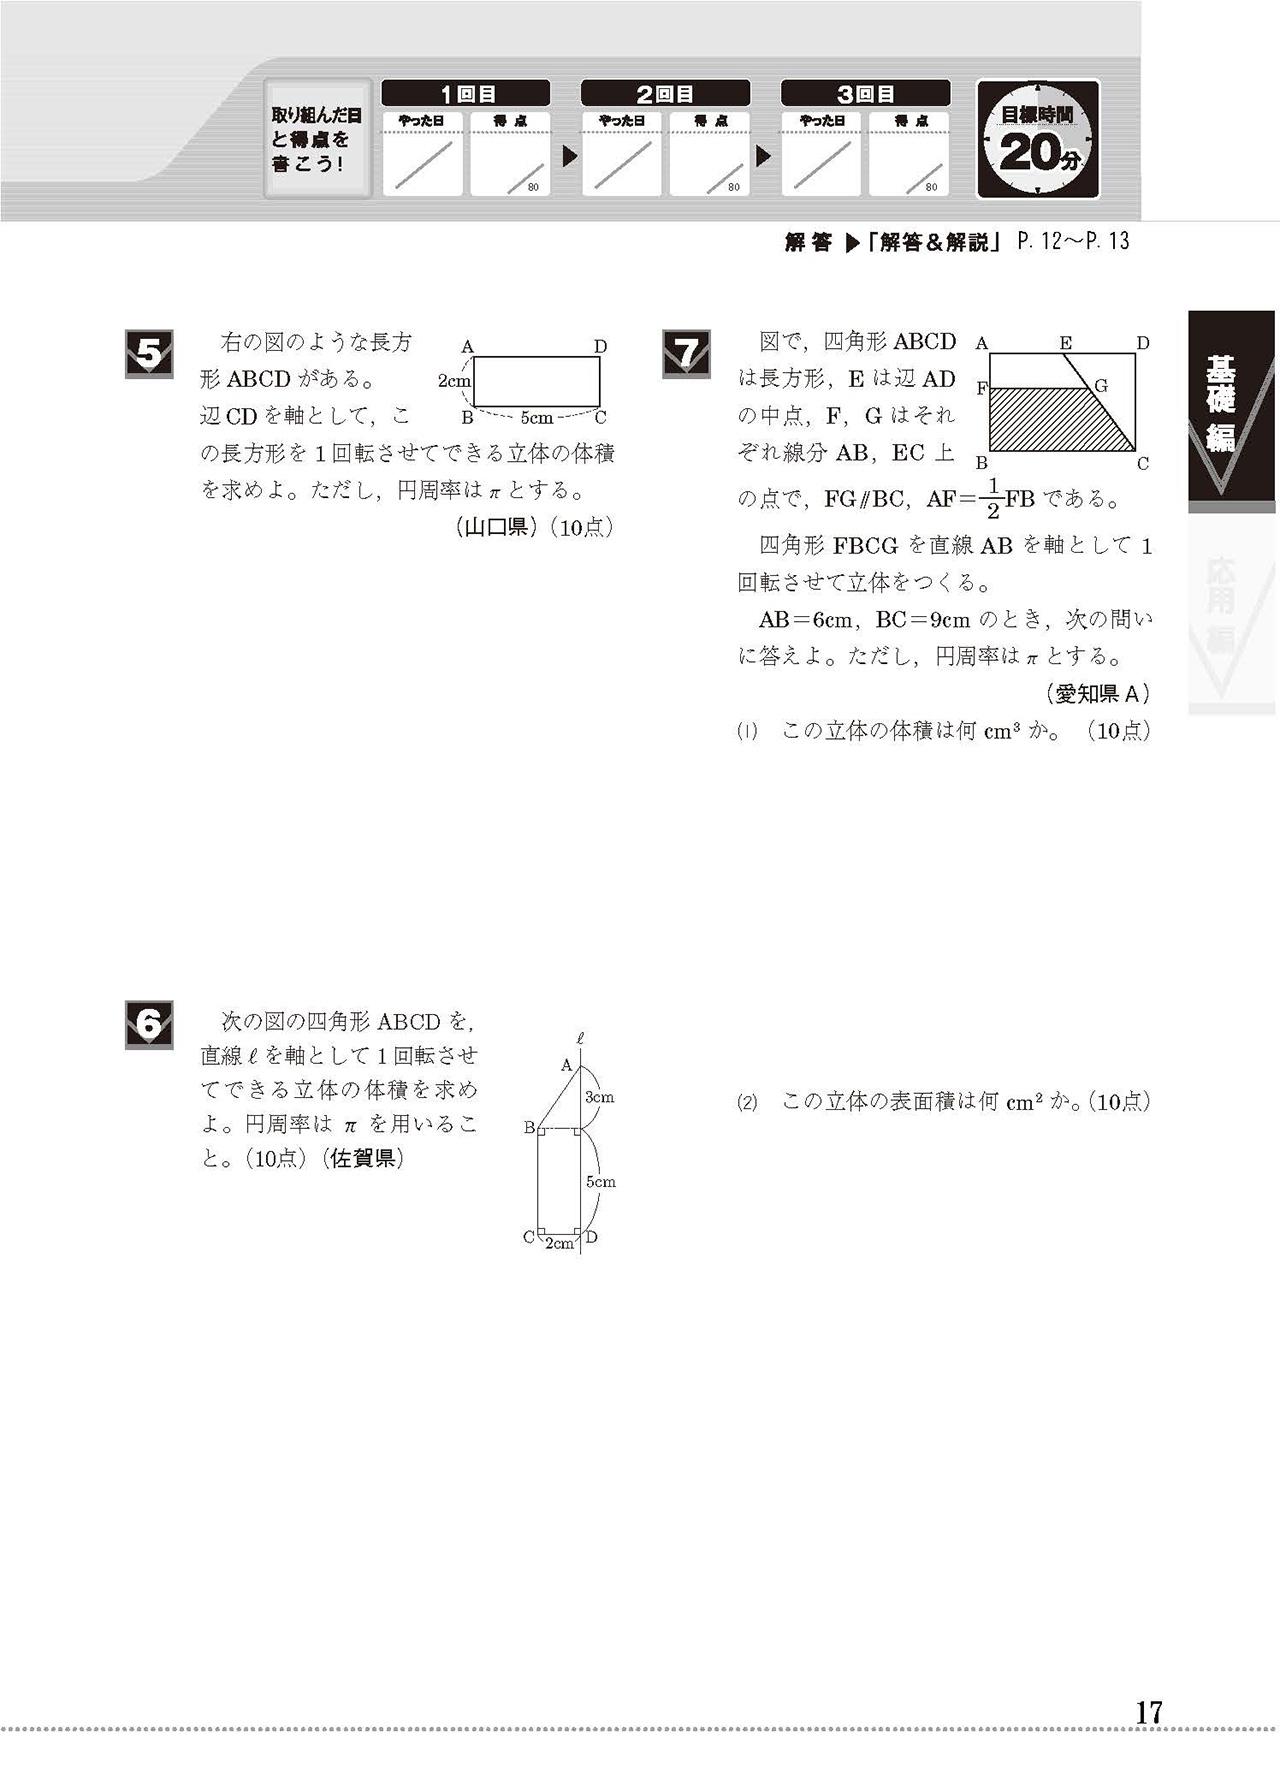 合格への過去問セレクト5 収録内容 進研ゼミ中学 ... : 英語 文型 問題 : 英語